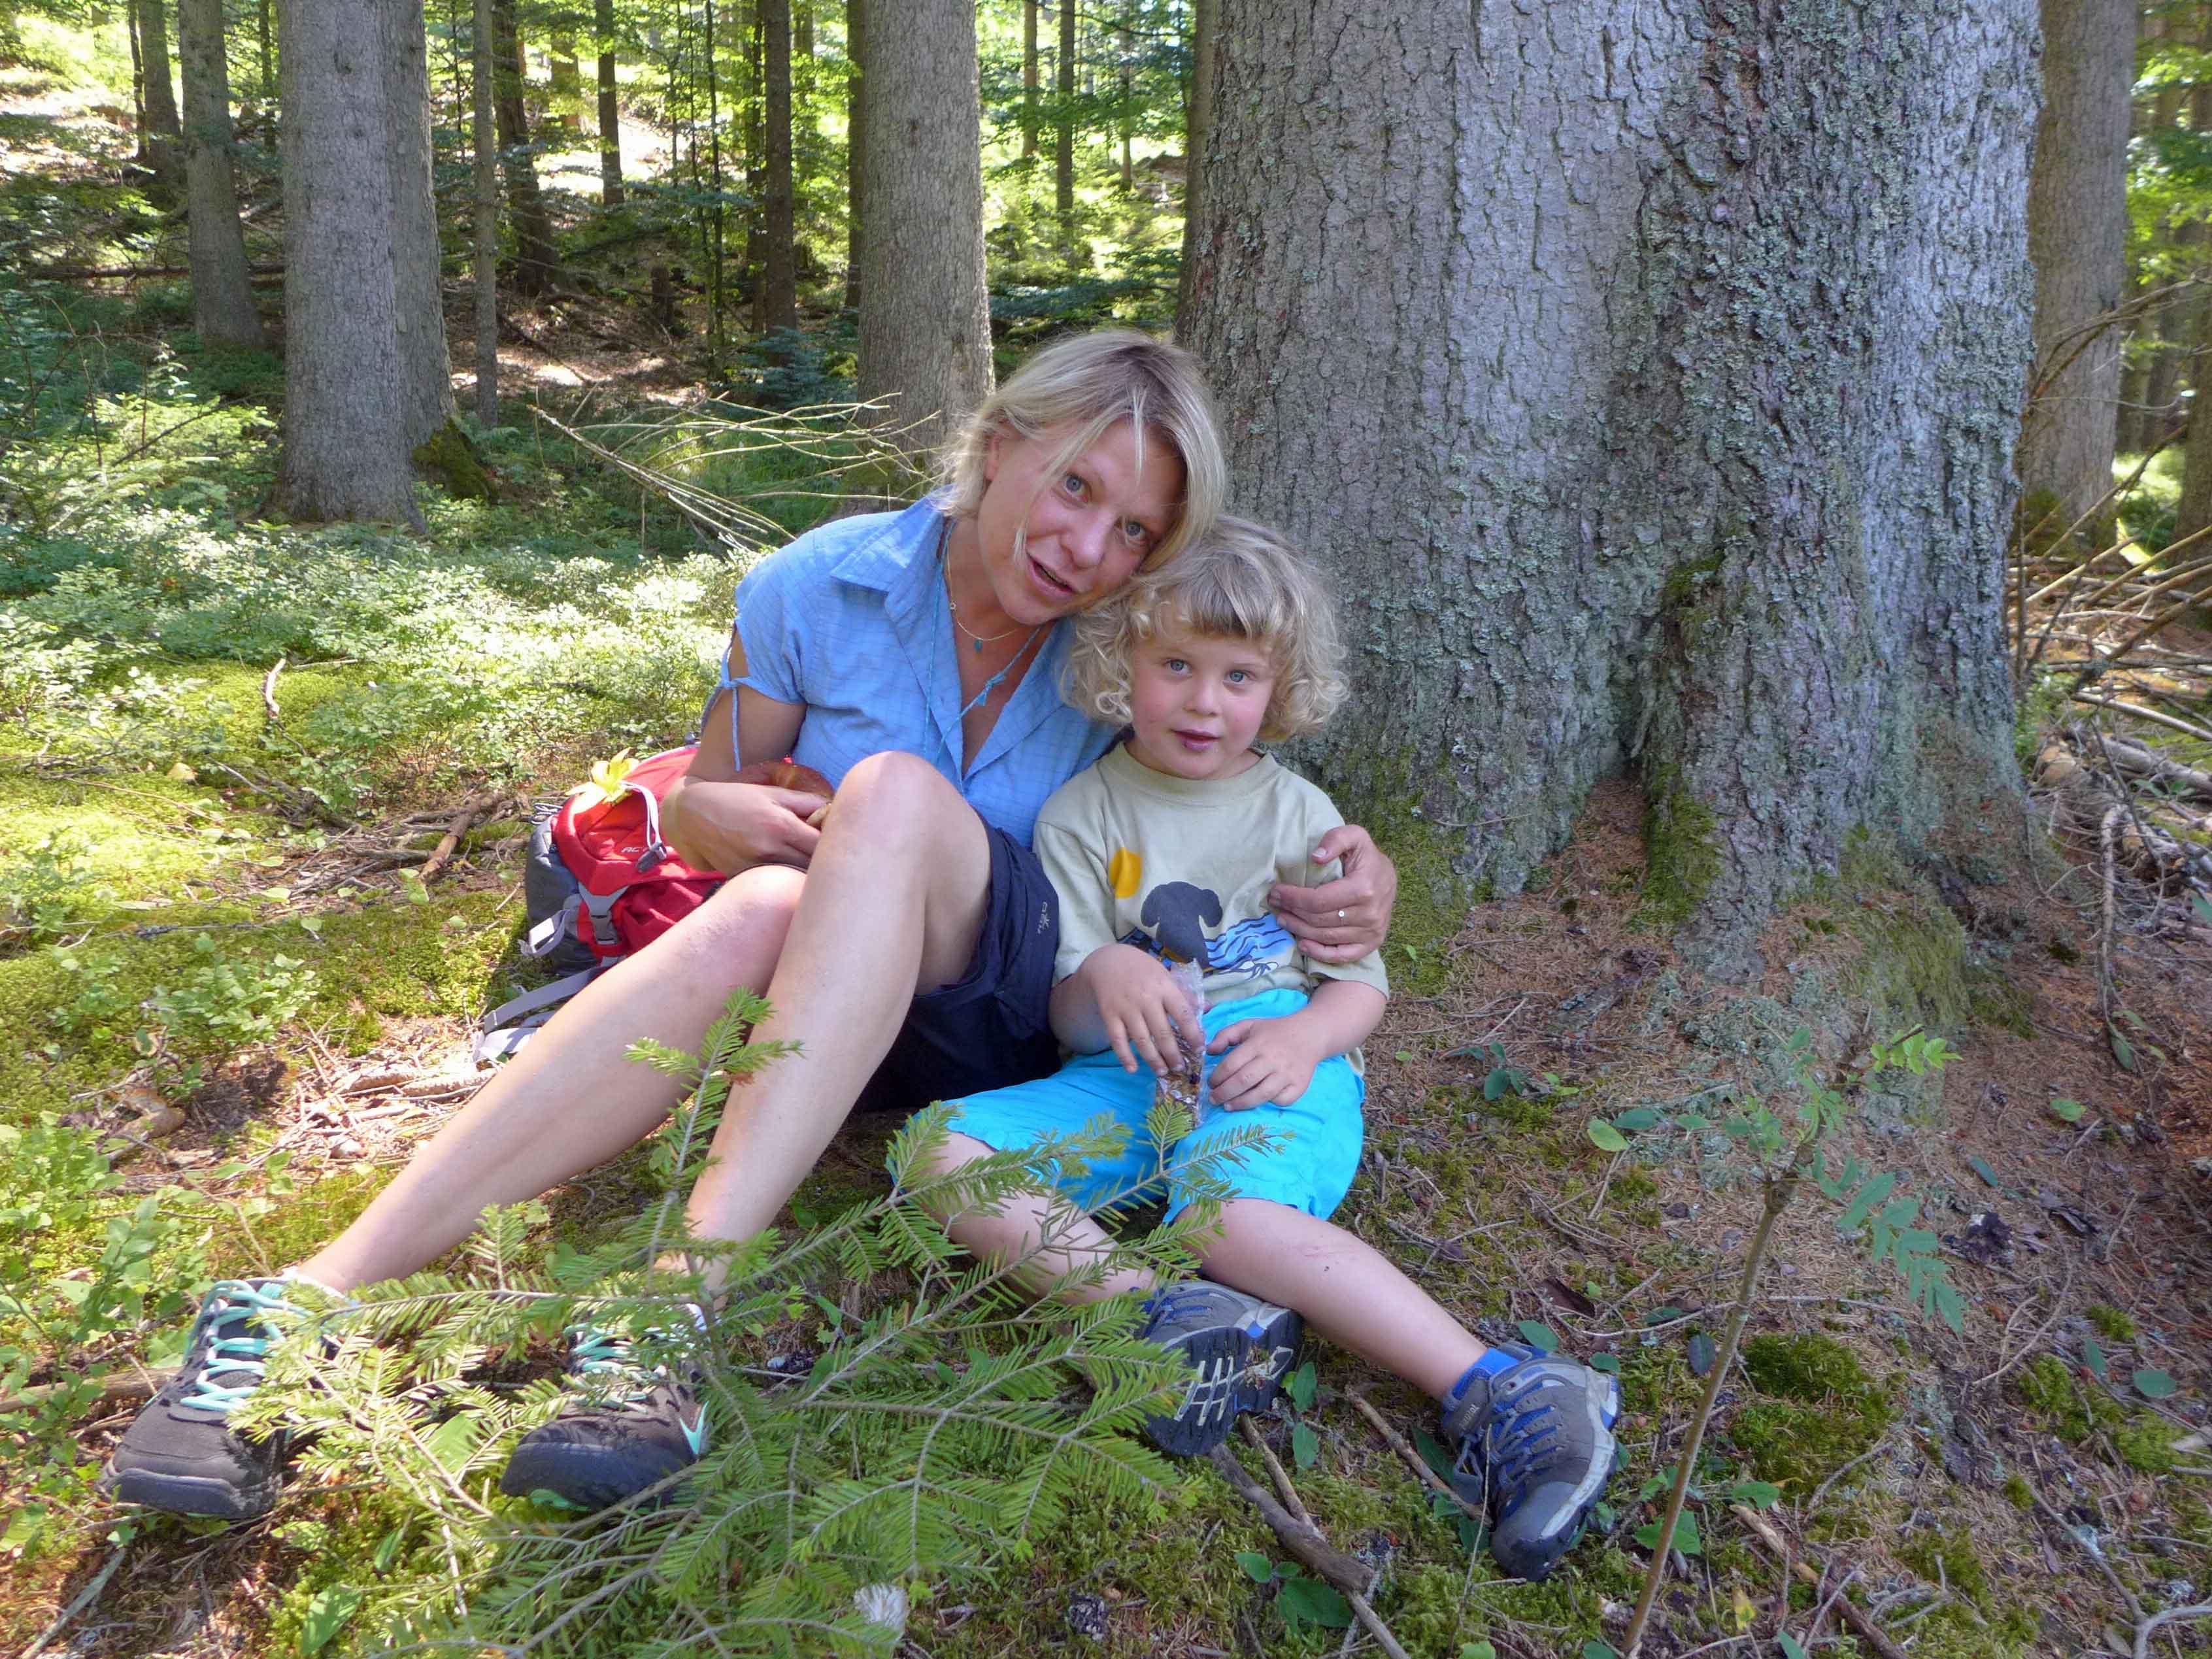 Silke und Frederik rasten im Bayerischen Wald gegen einen Baumstamm gelehnt